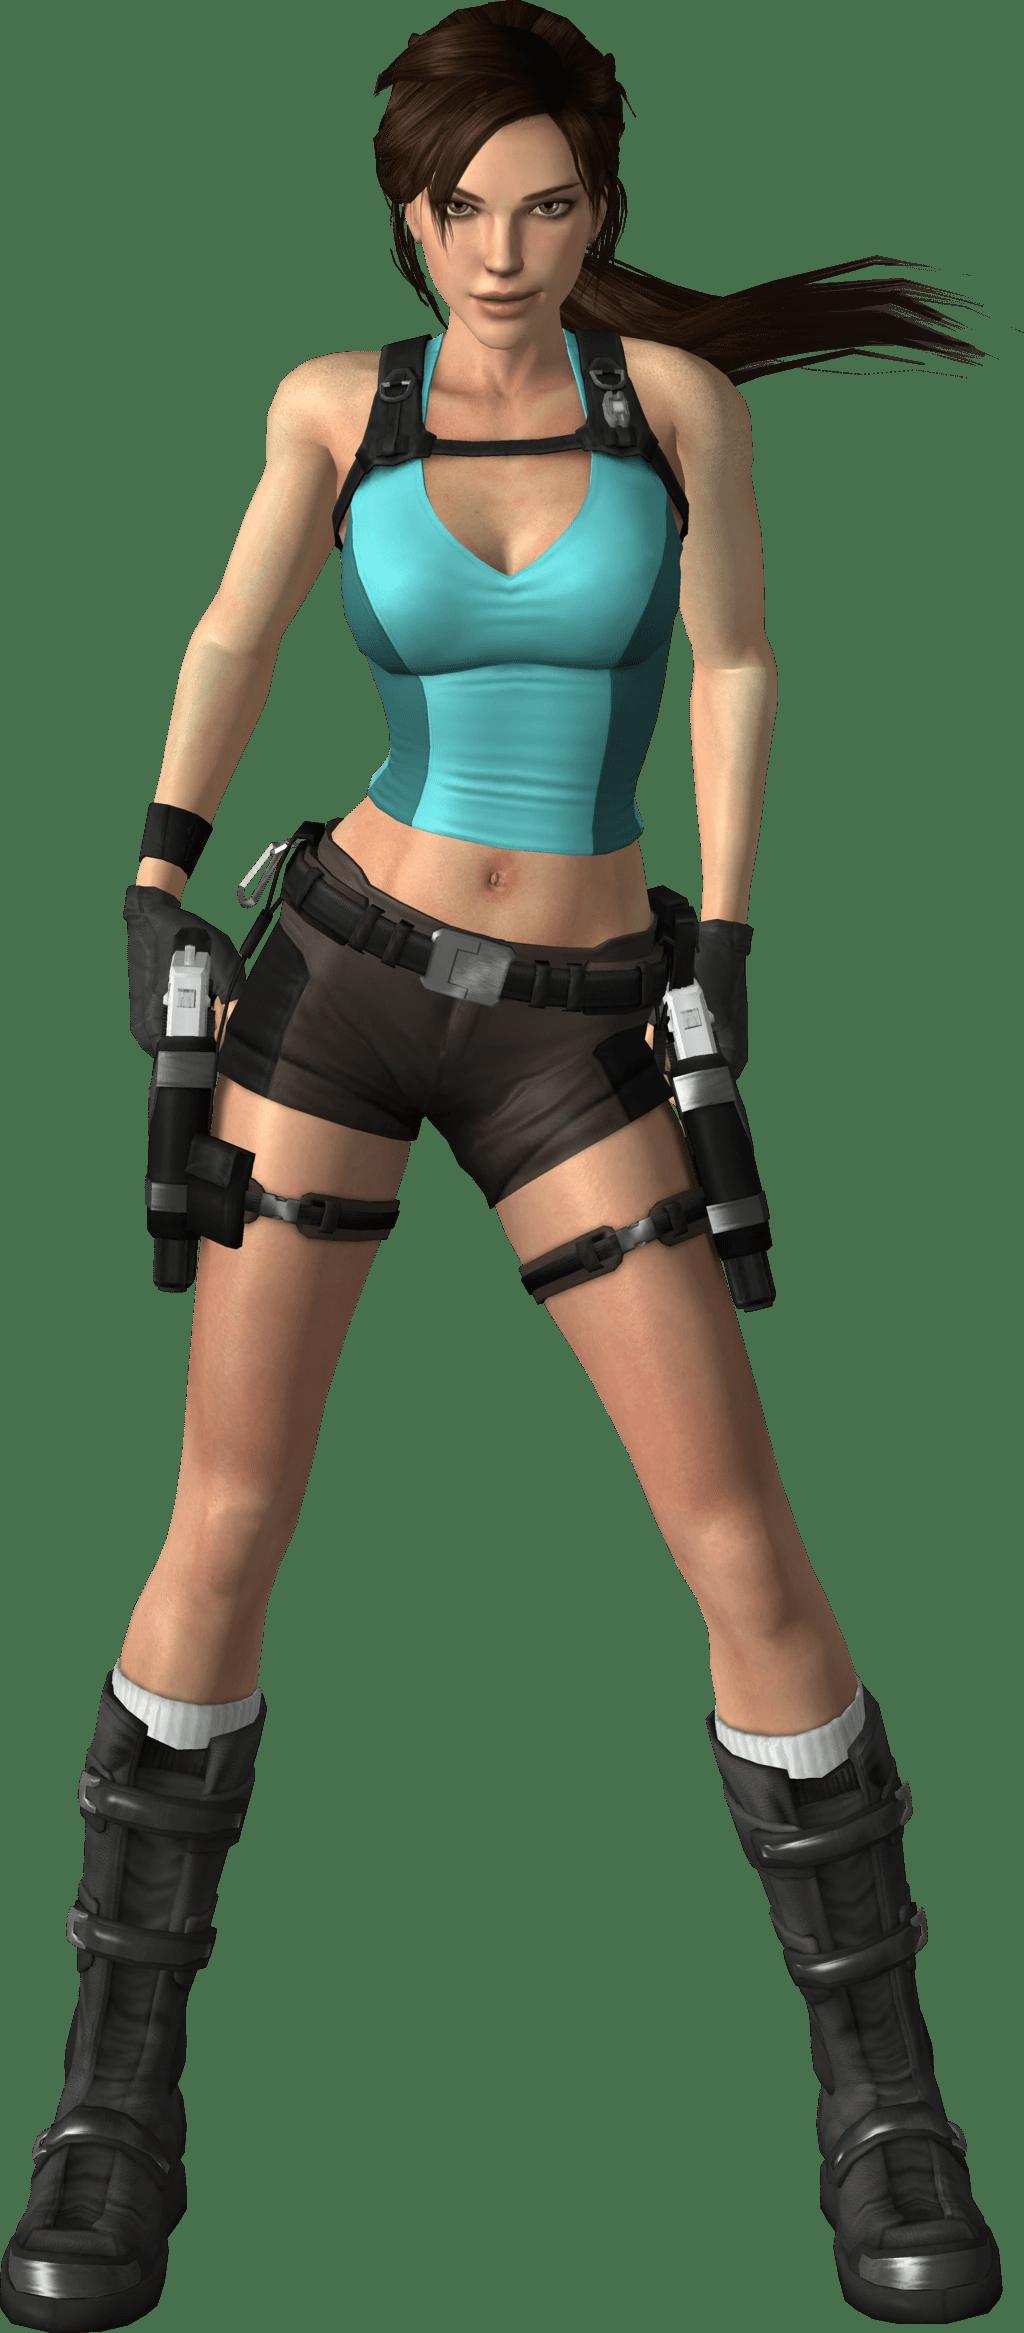 3d Batman Hd Wallpaper Lara Croft Death Battle Wiki Fandom Powered By Wikia